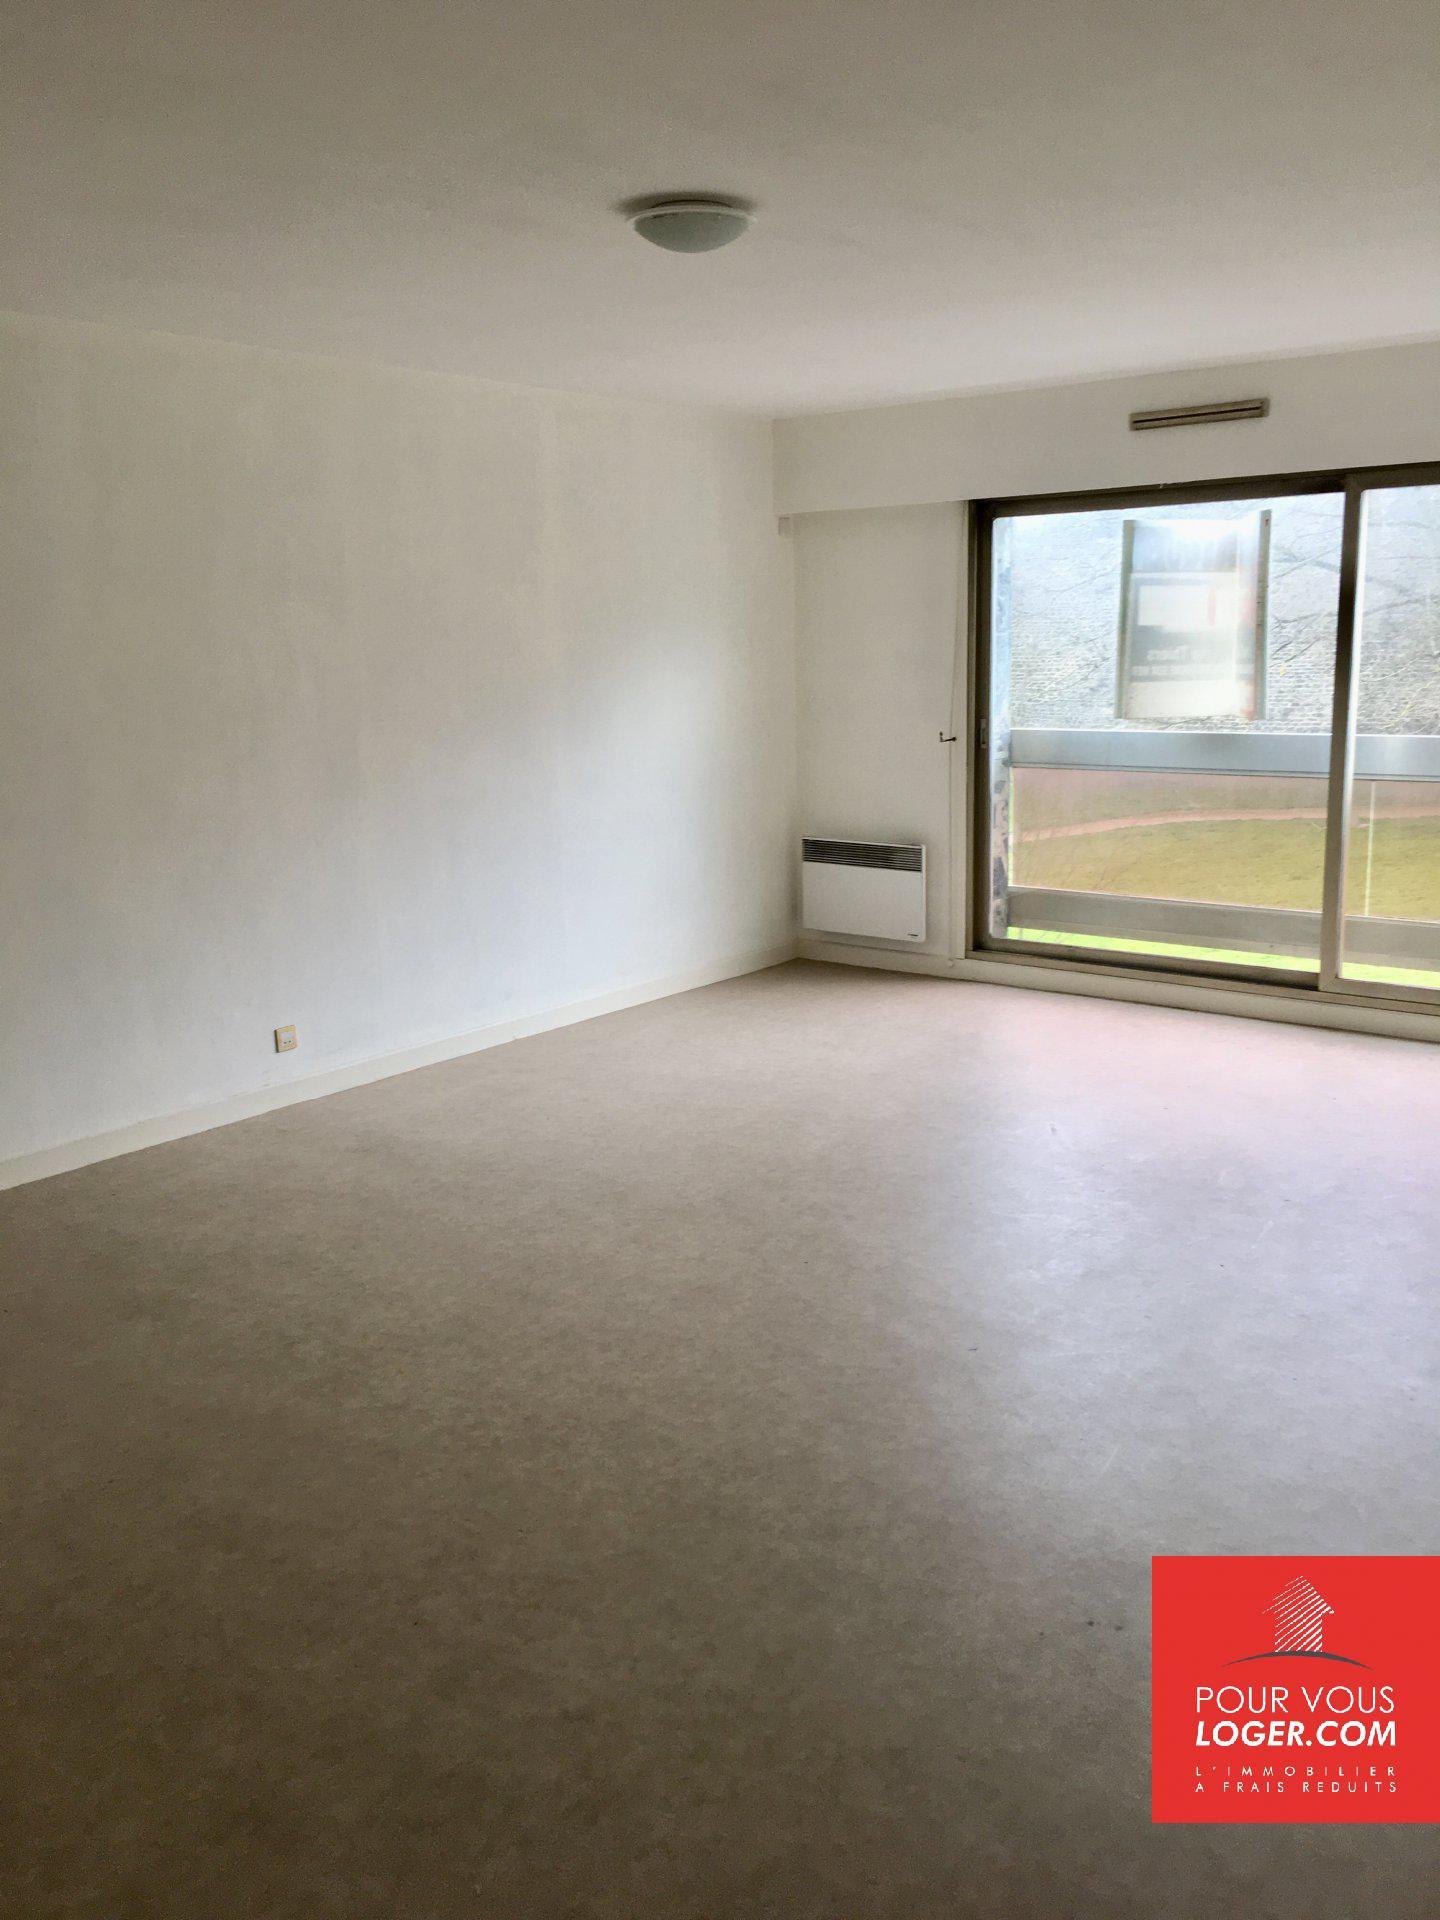 Appartement 2 chambres, place de parking pres des remparts